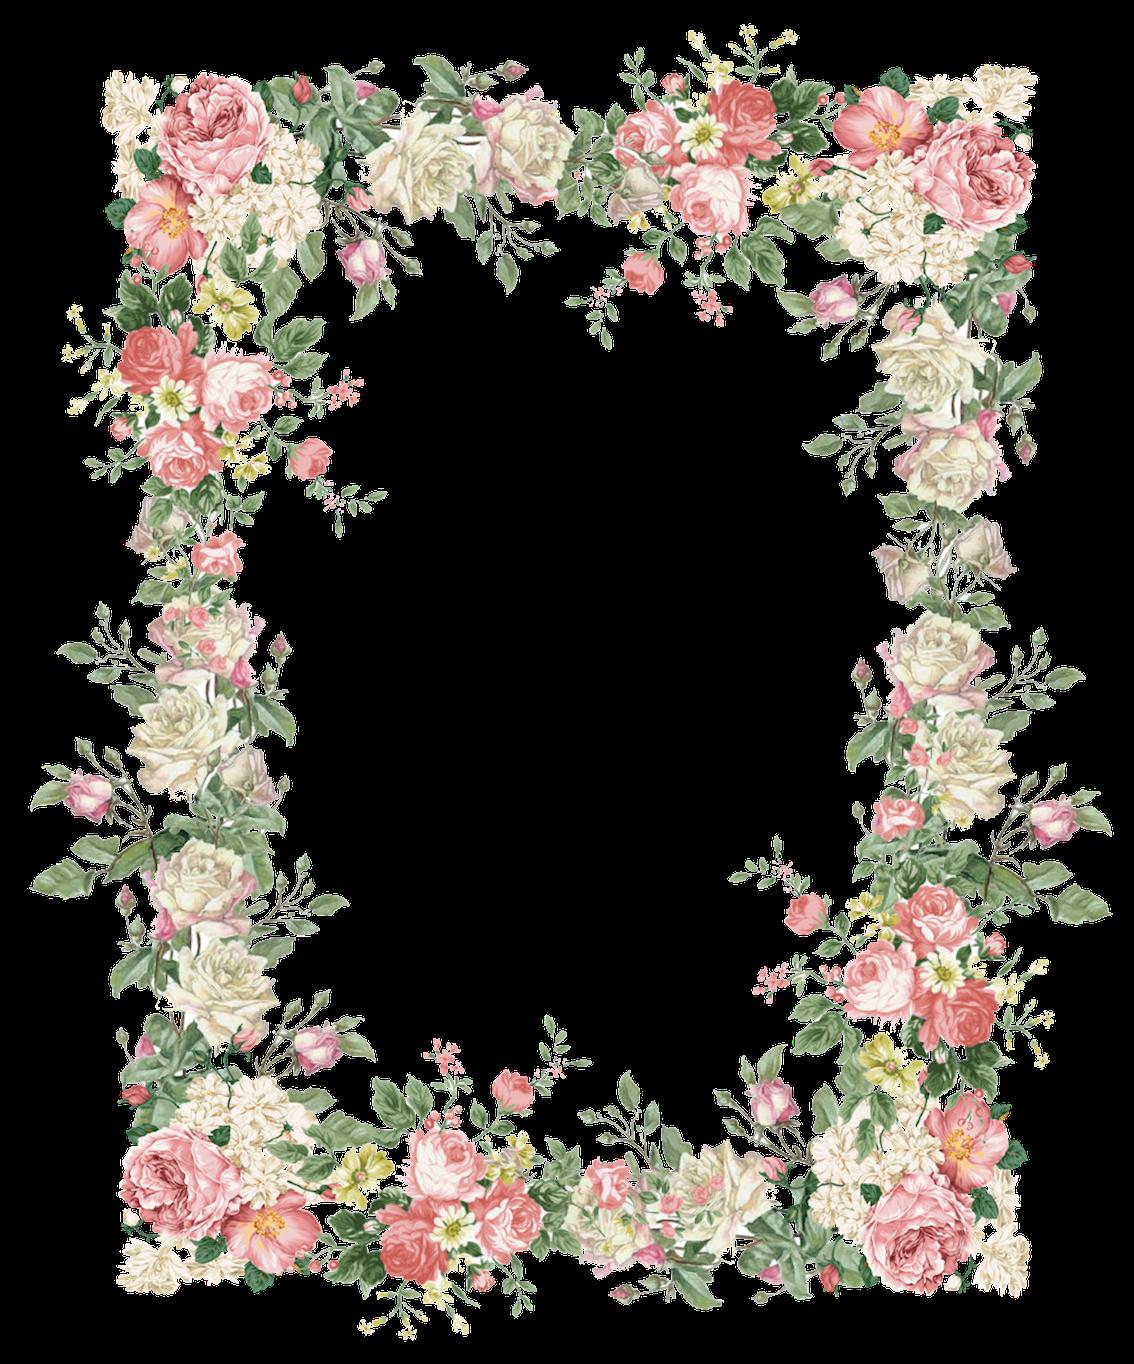 1,134×1,364 pixels